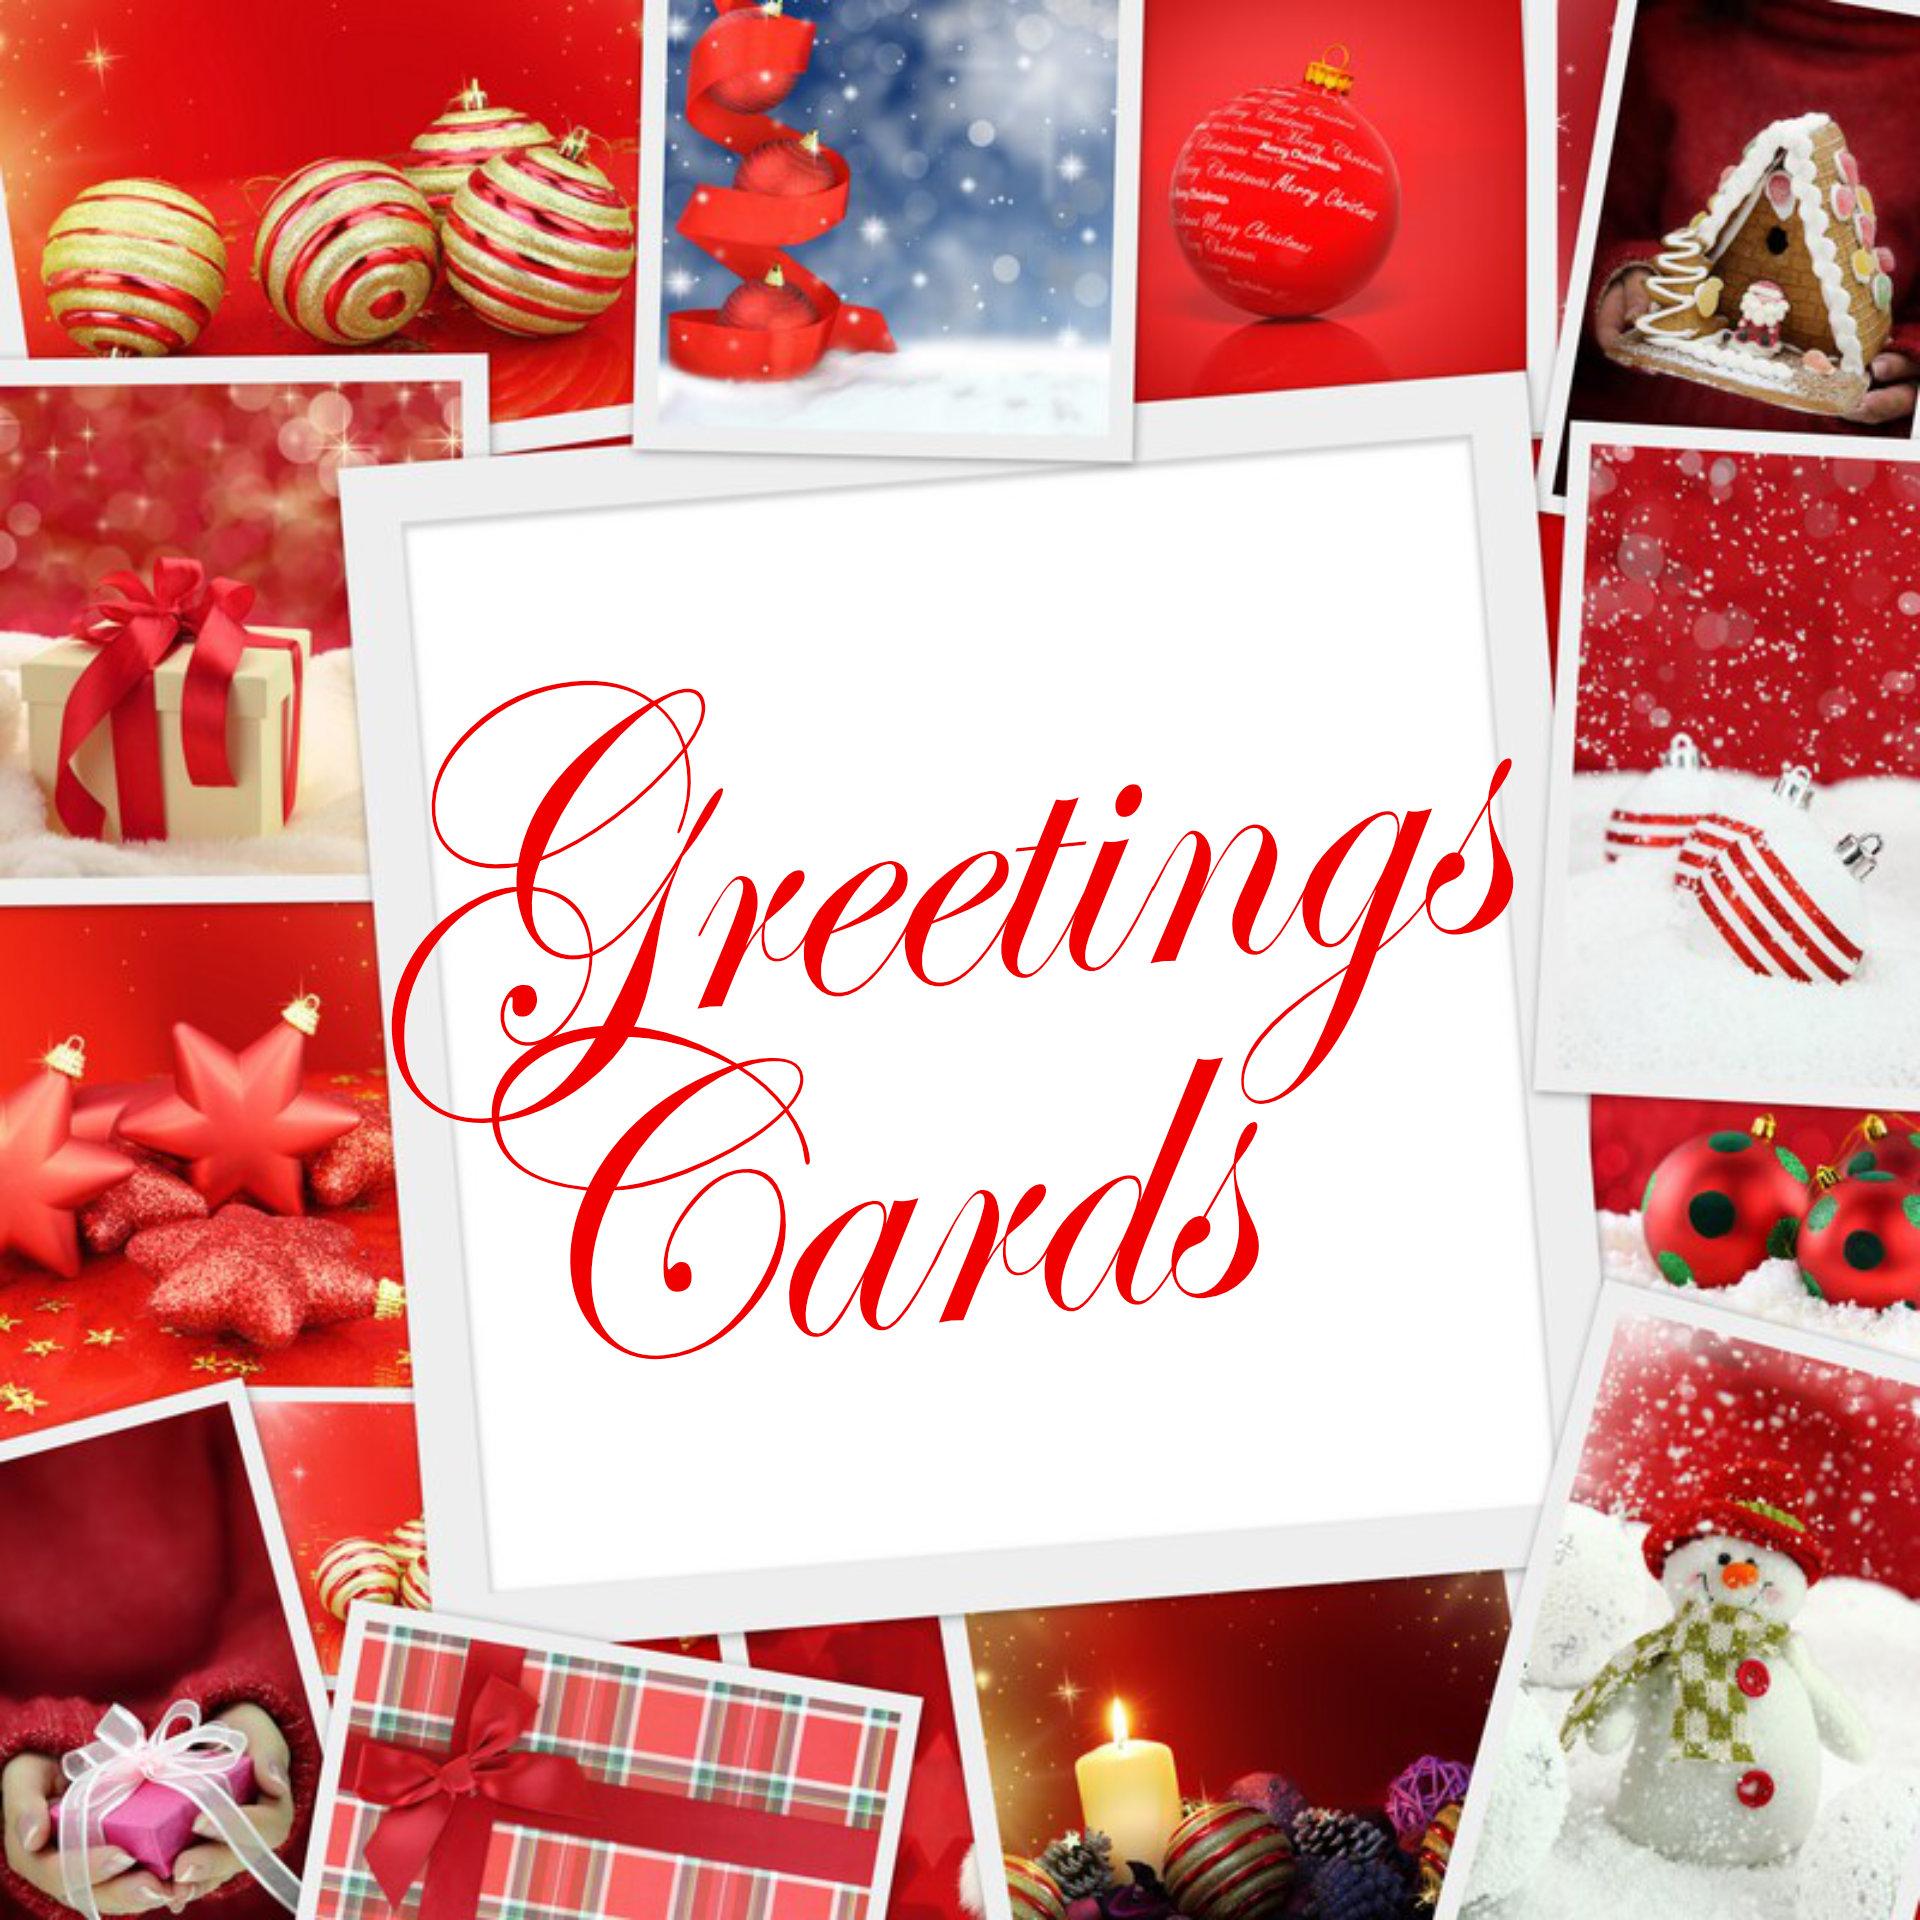 Digital Greetings Cards